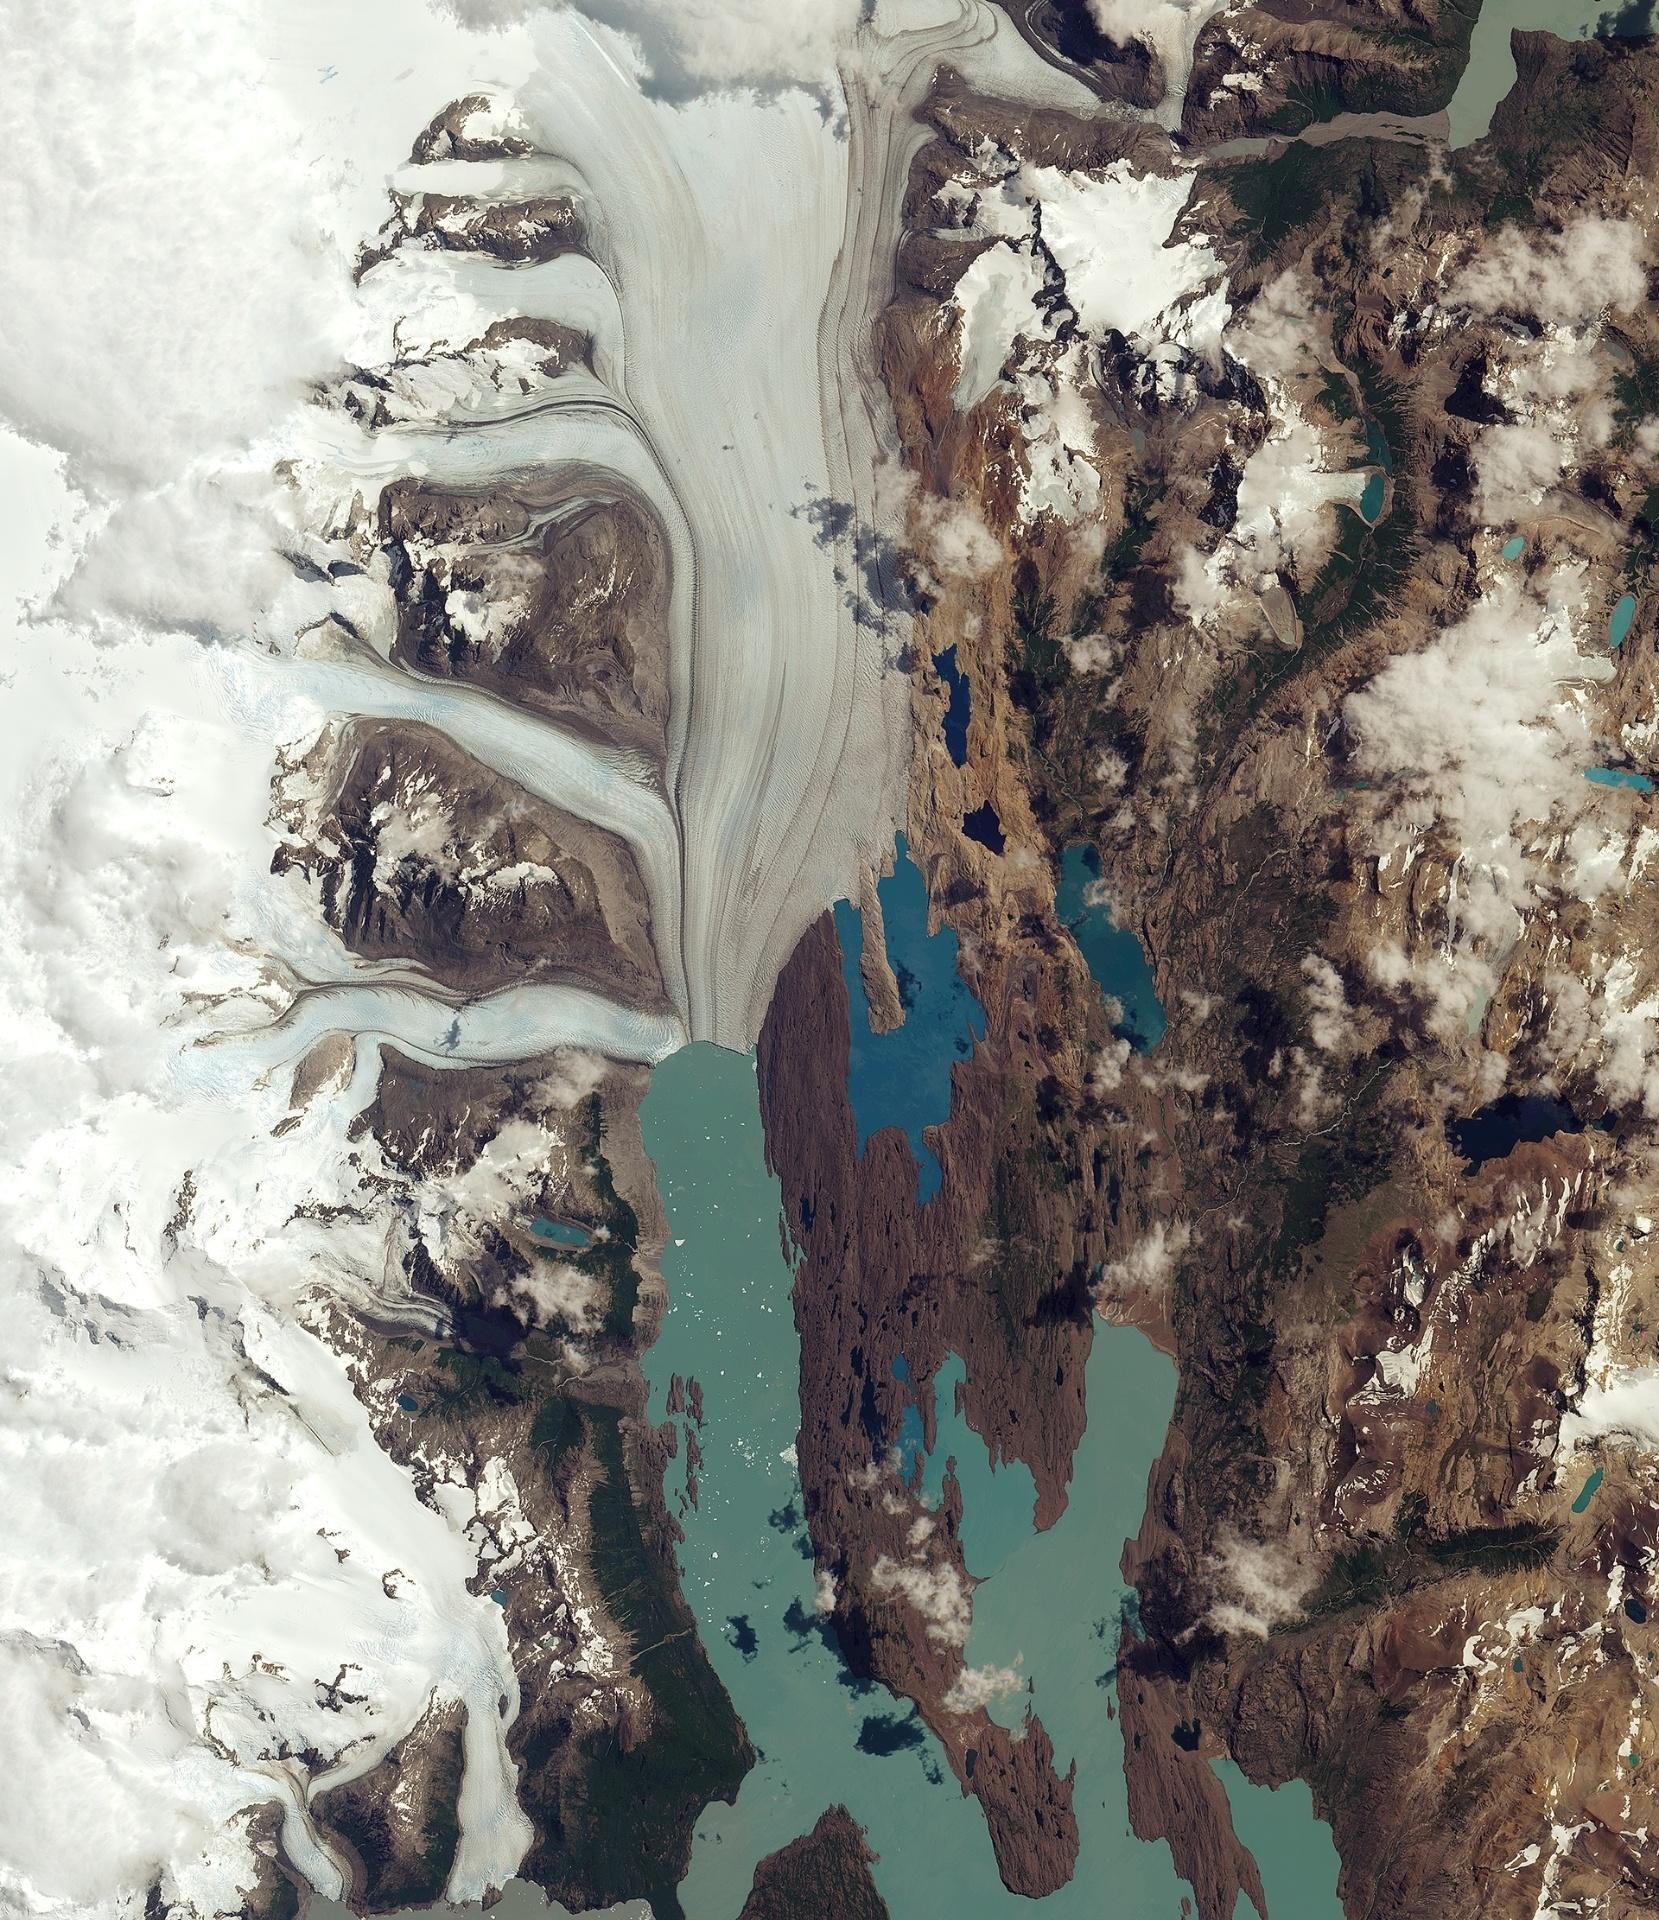 2.set.2016 ? O satélite Sentinel-2ª, da ESA (Agência Espacial Europeia), registra do espaço a geleira Upsala, no parque nacional Los Glaciares, na Argentina. O parque foi nomeado patrimônio mundial pela Unesco em 1981 e é o maior do país, cobrindo uma área de mais de 7 mil quilômetros quadrados